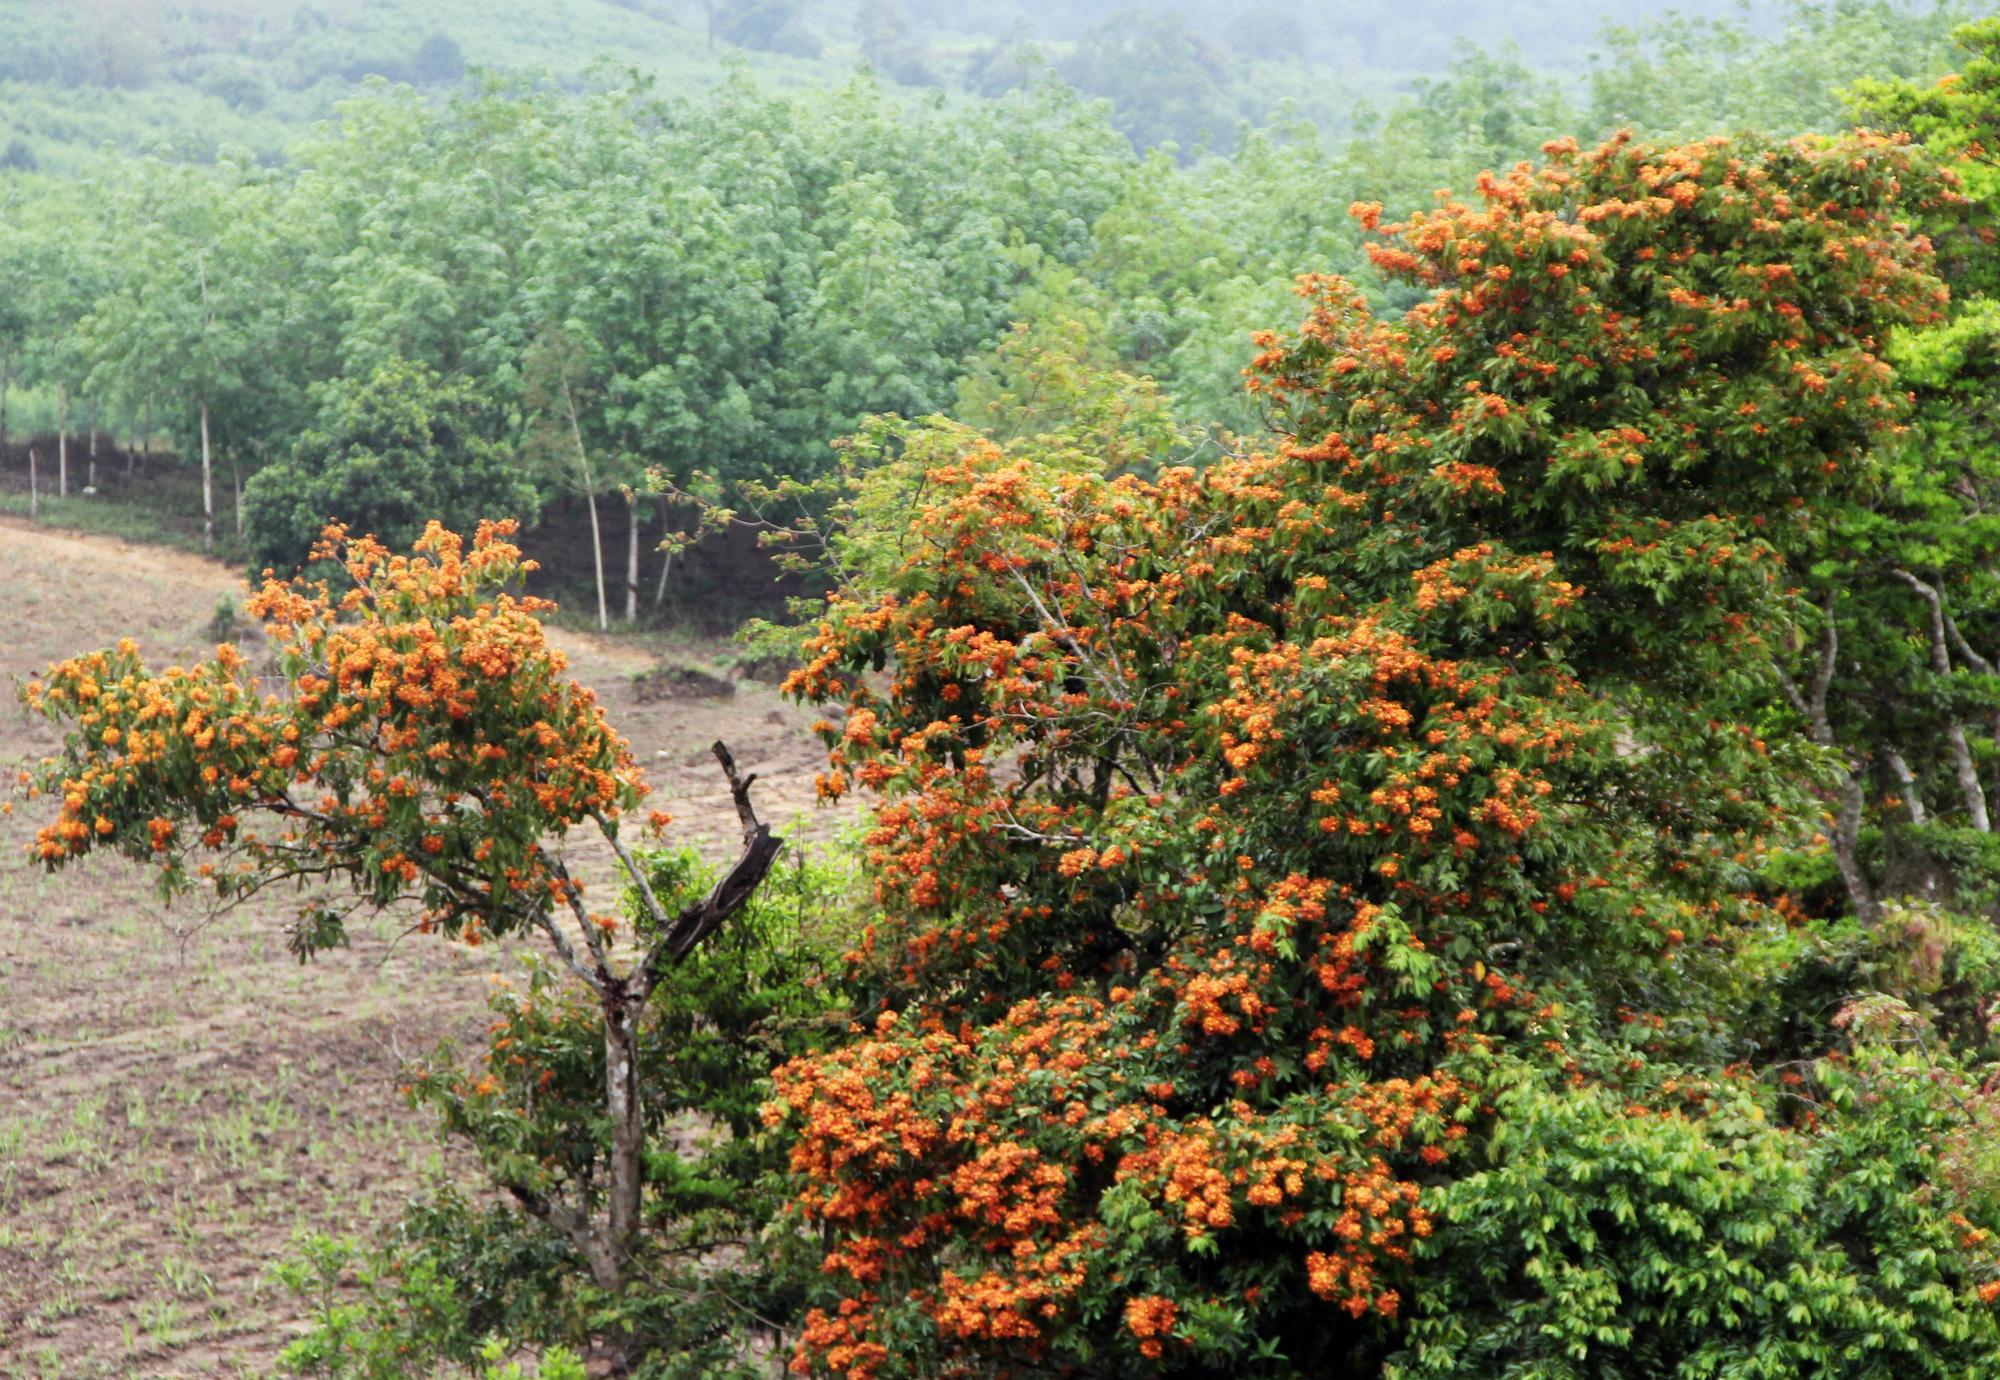 Phú Yên: Đẹp mê mẩn hoa trang rừng cổ thụ bung nở rực rỡ - Ảnh 1.